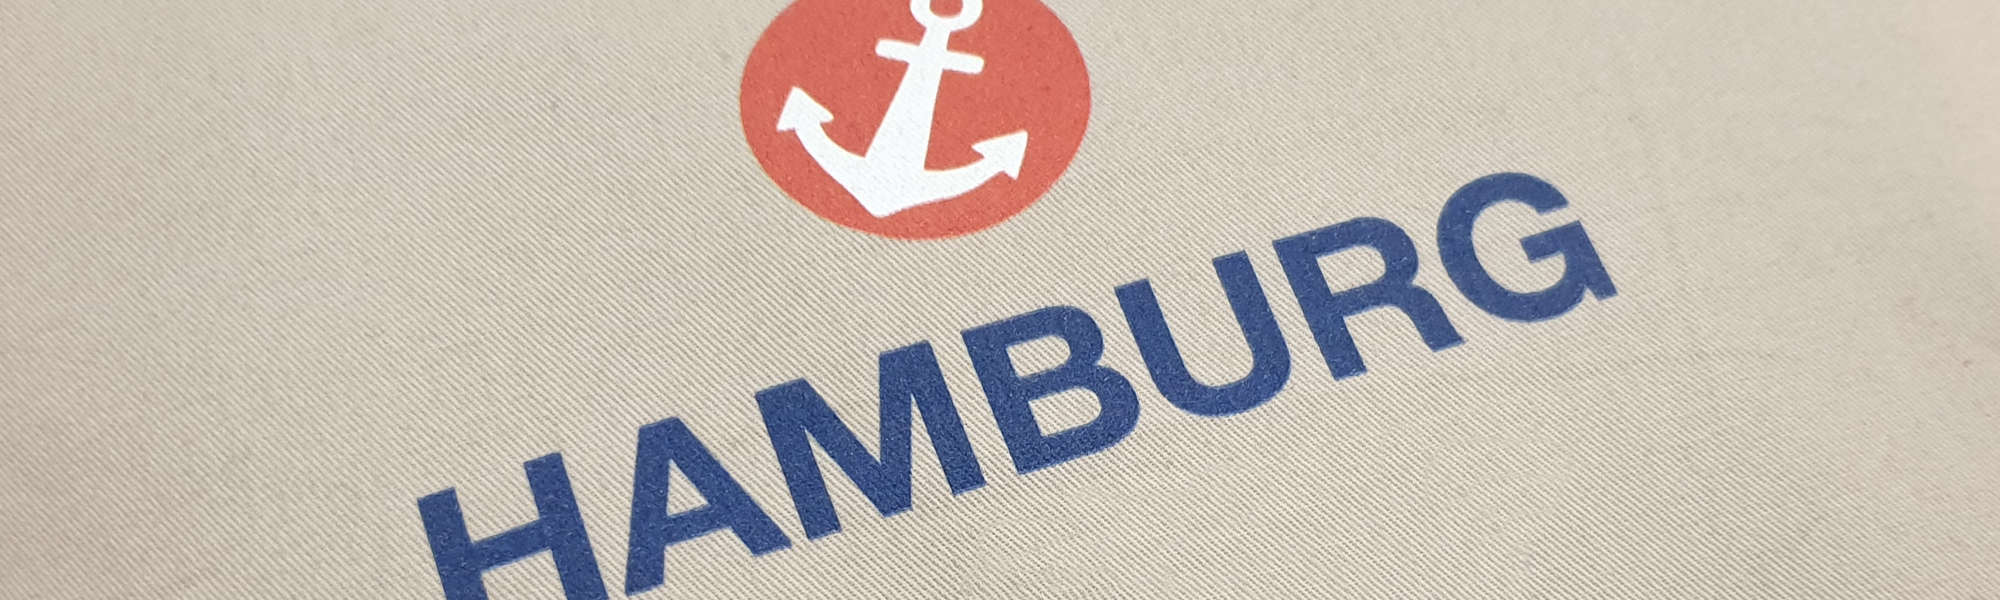 Schriftzug Hamburg mit Anker auf einem Kissen | Foto: FOLLOW ME Hamburg